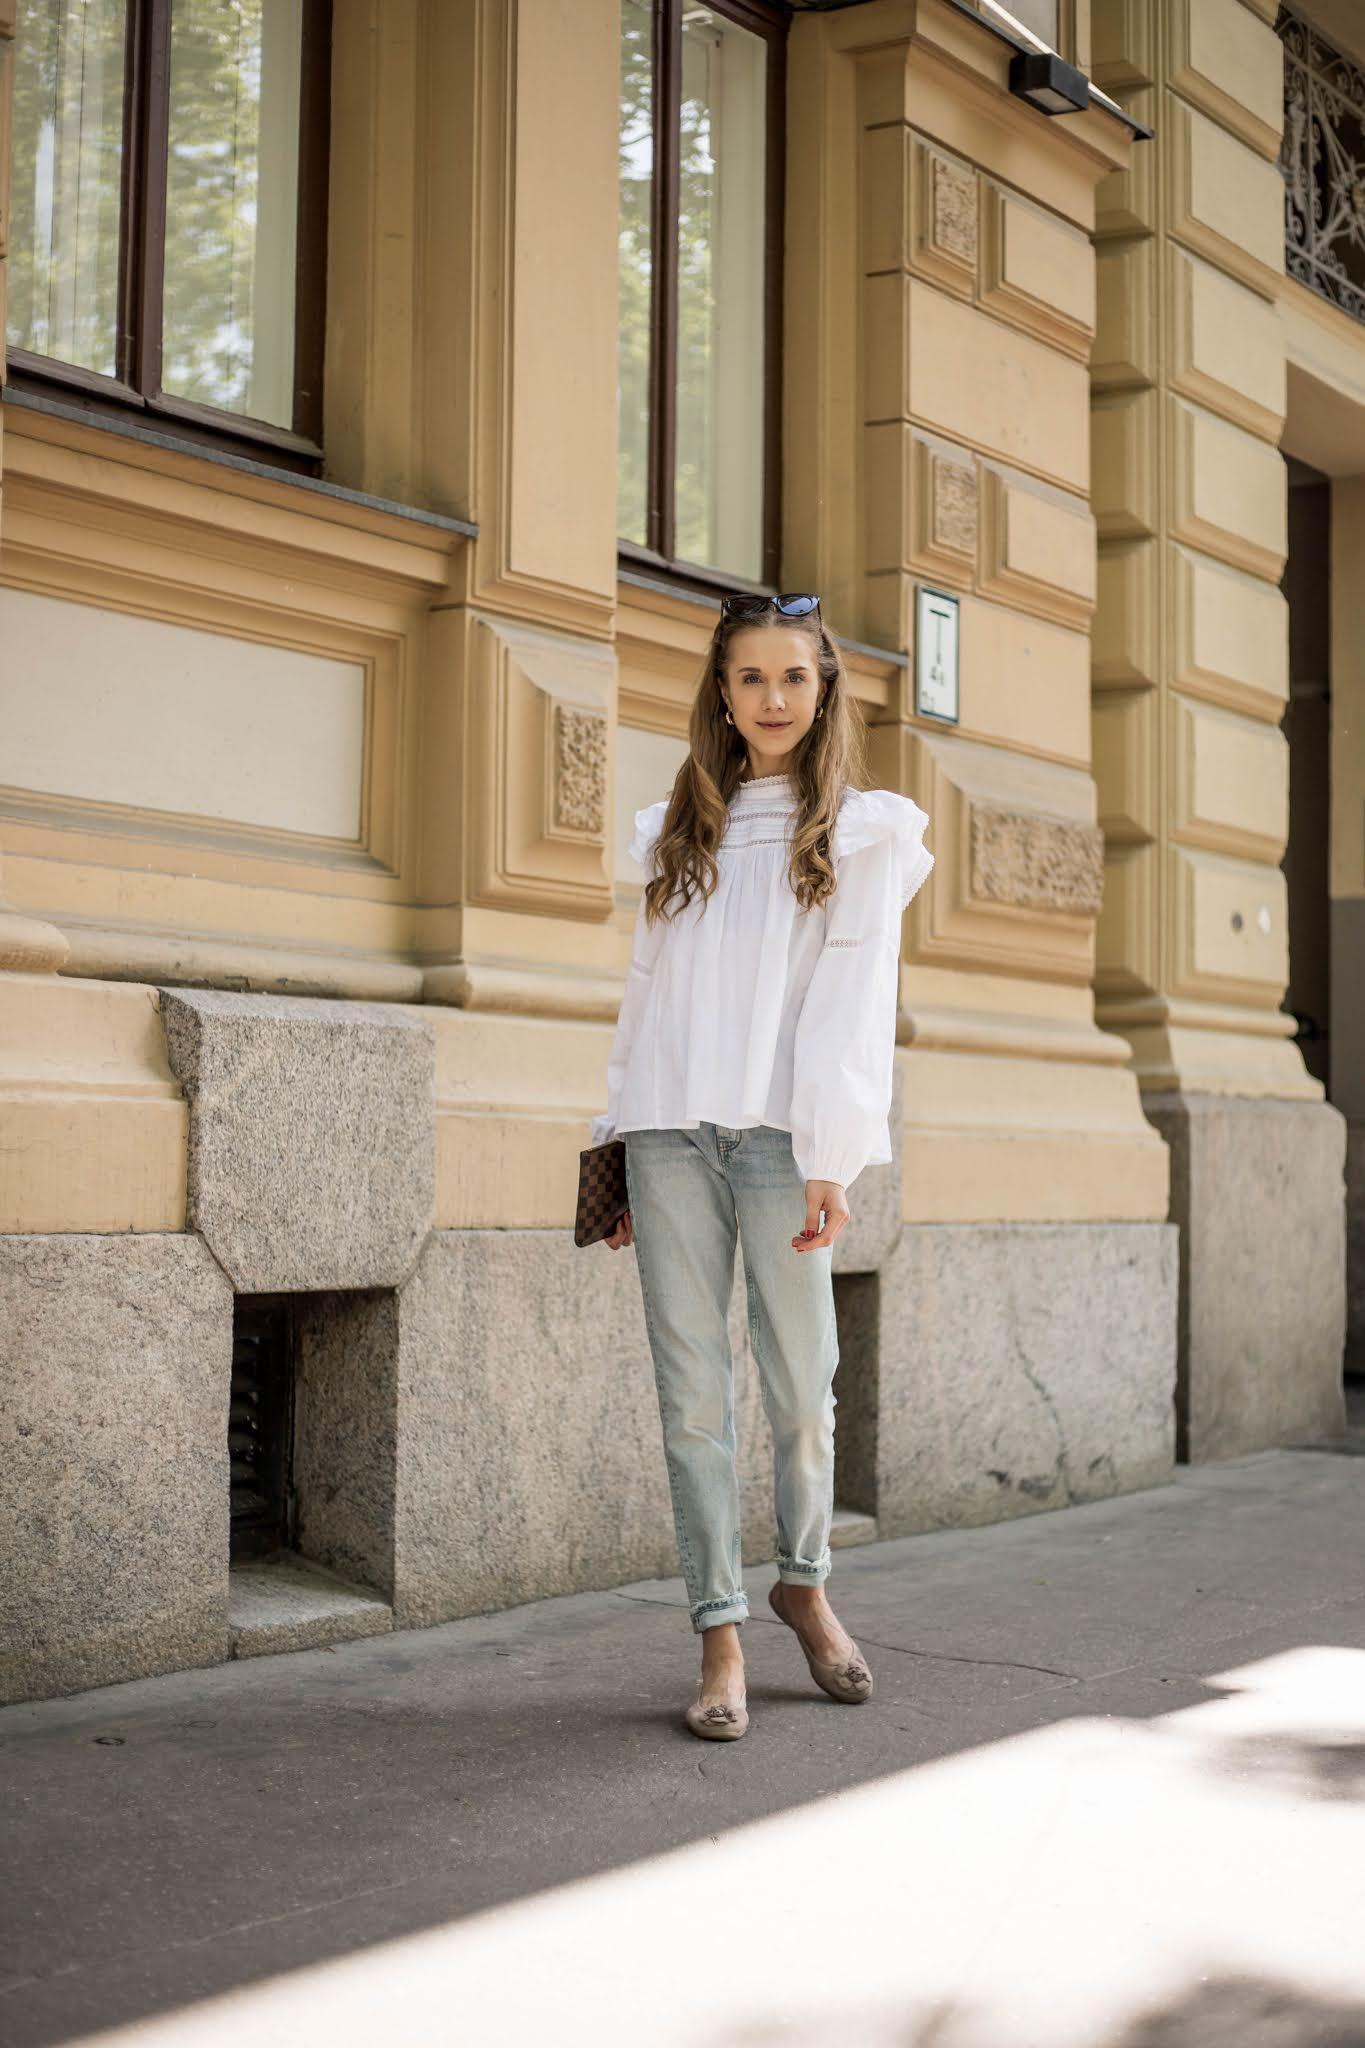 Vaaleansiniset farkut ja valkoinen pusero // Light blue jeans and white blouse